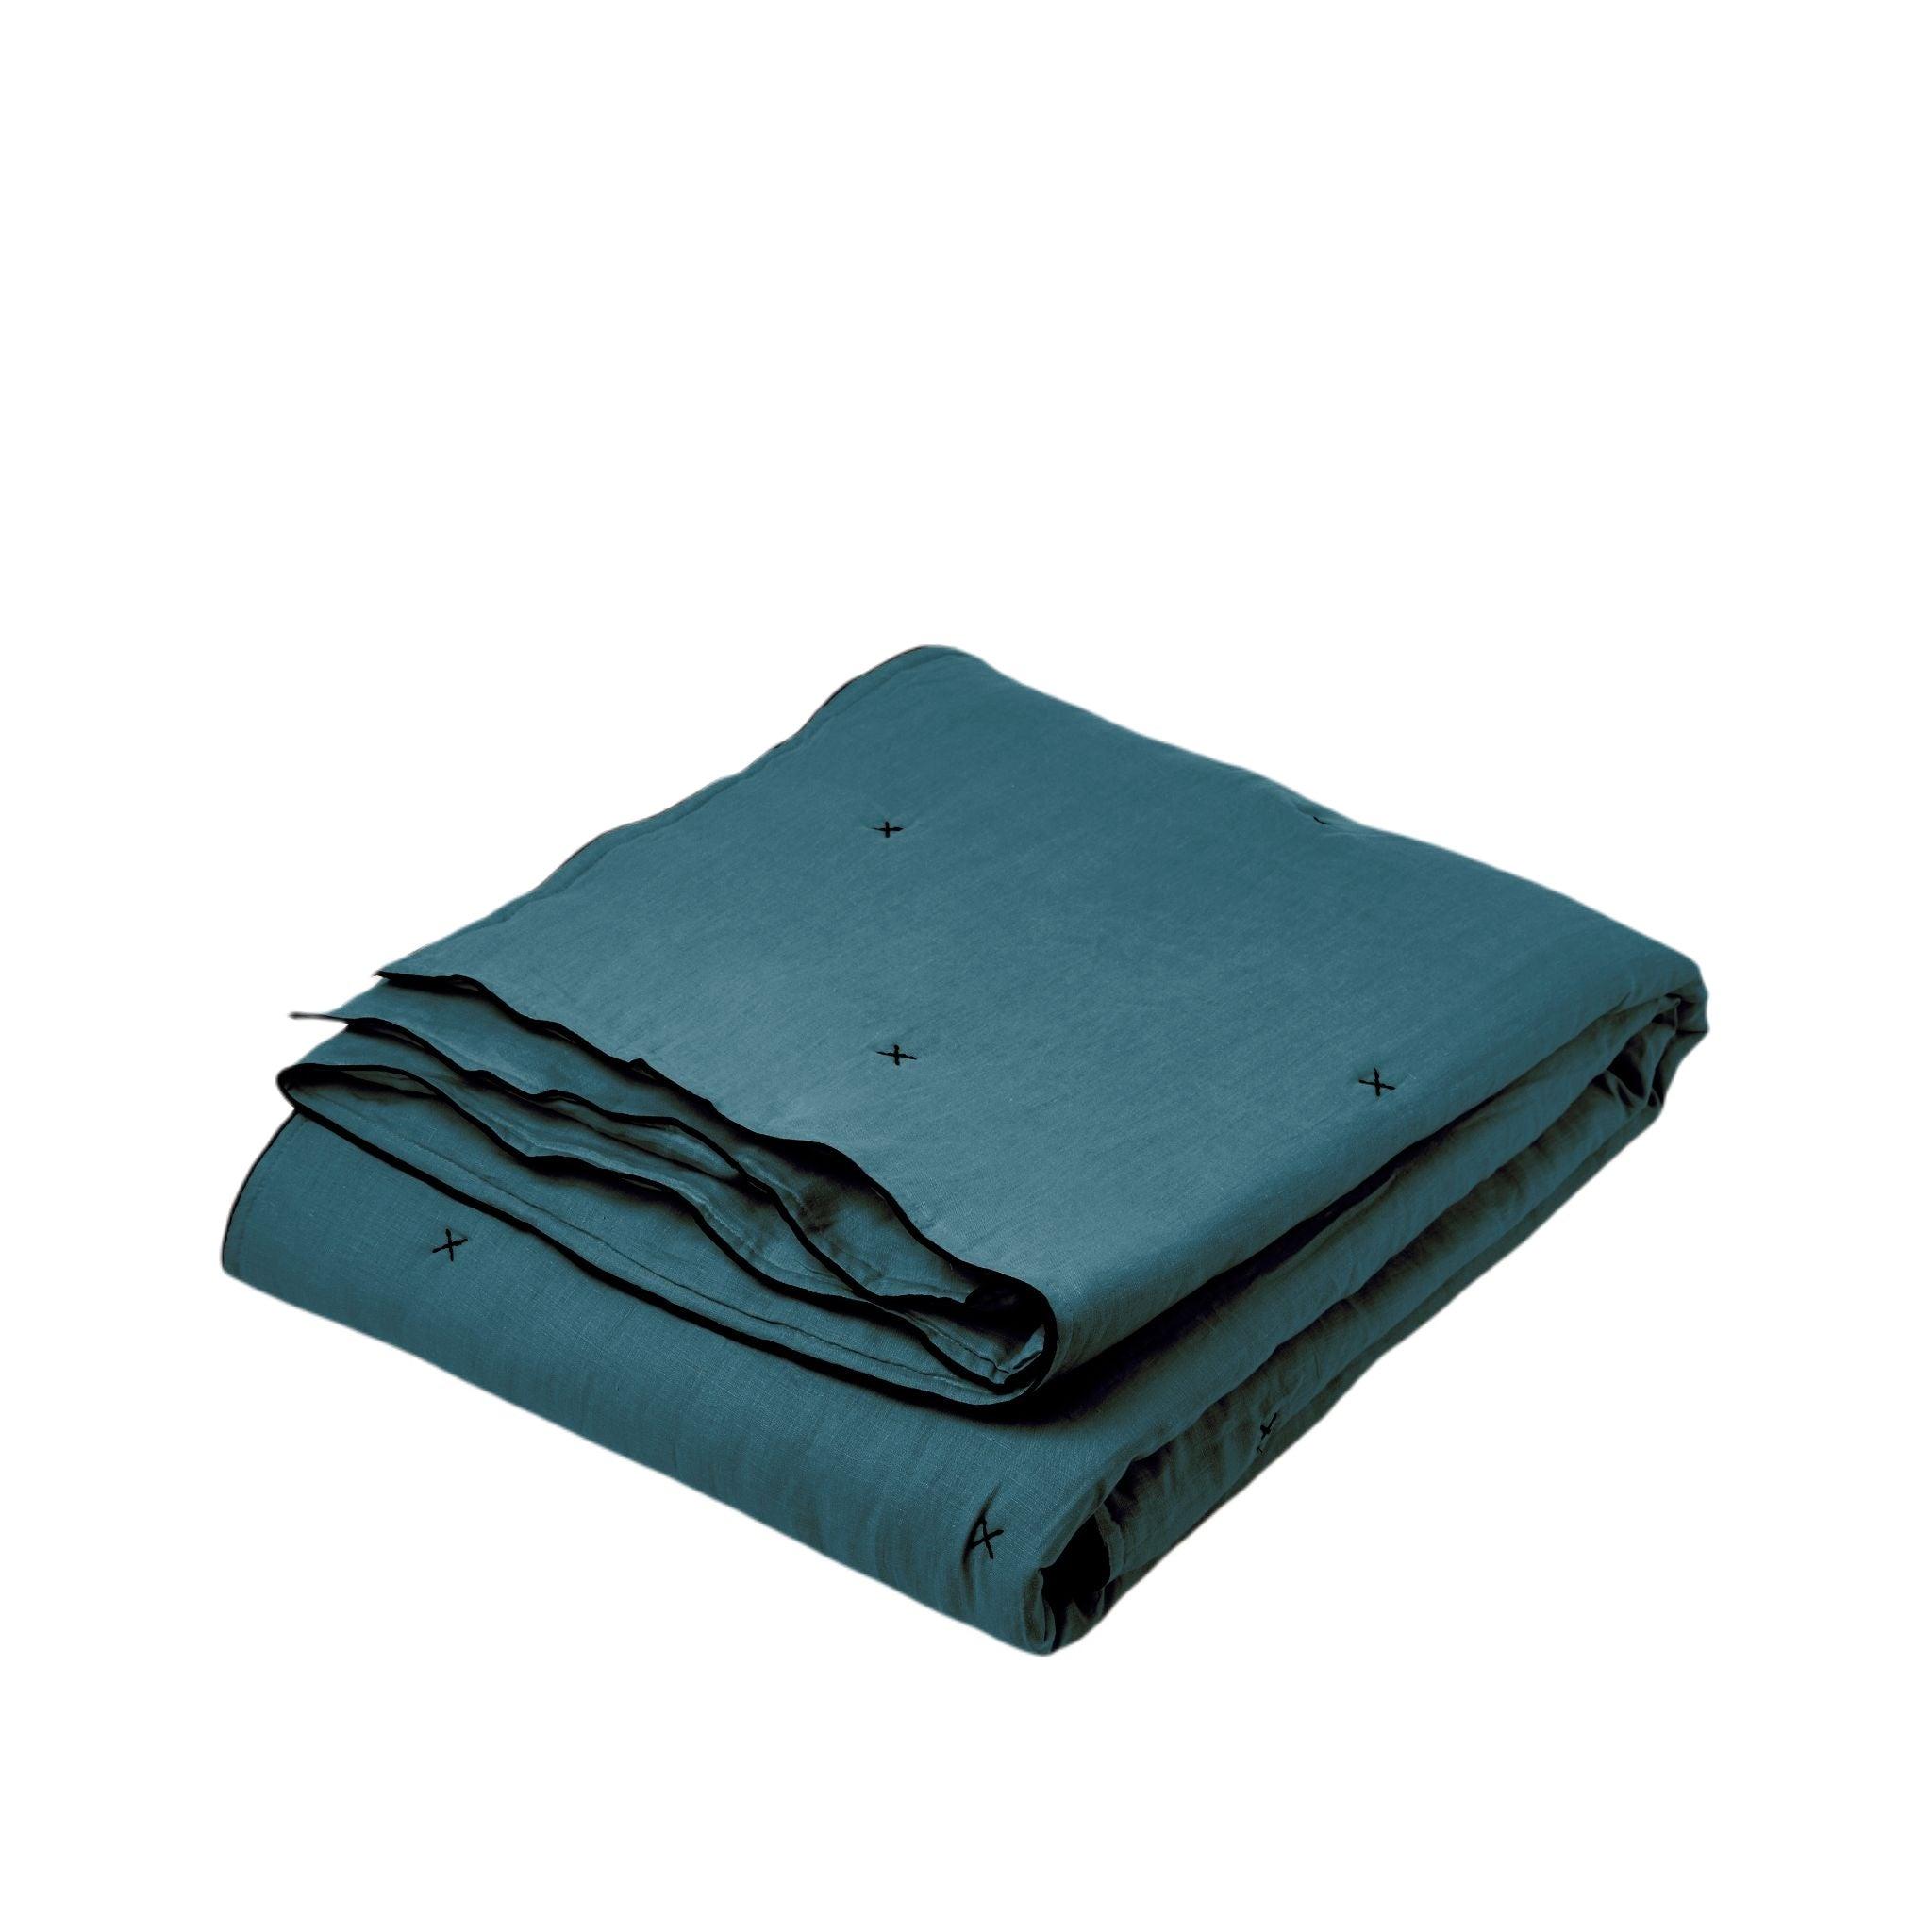 Couvre-lit matelassé 250x280 cm Bleu vert et bourdon noir en Lin